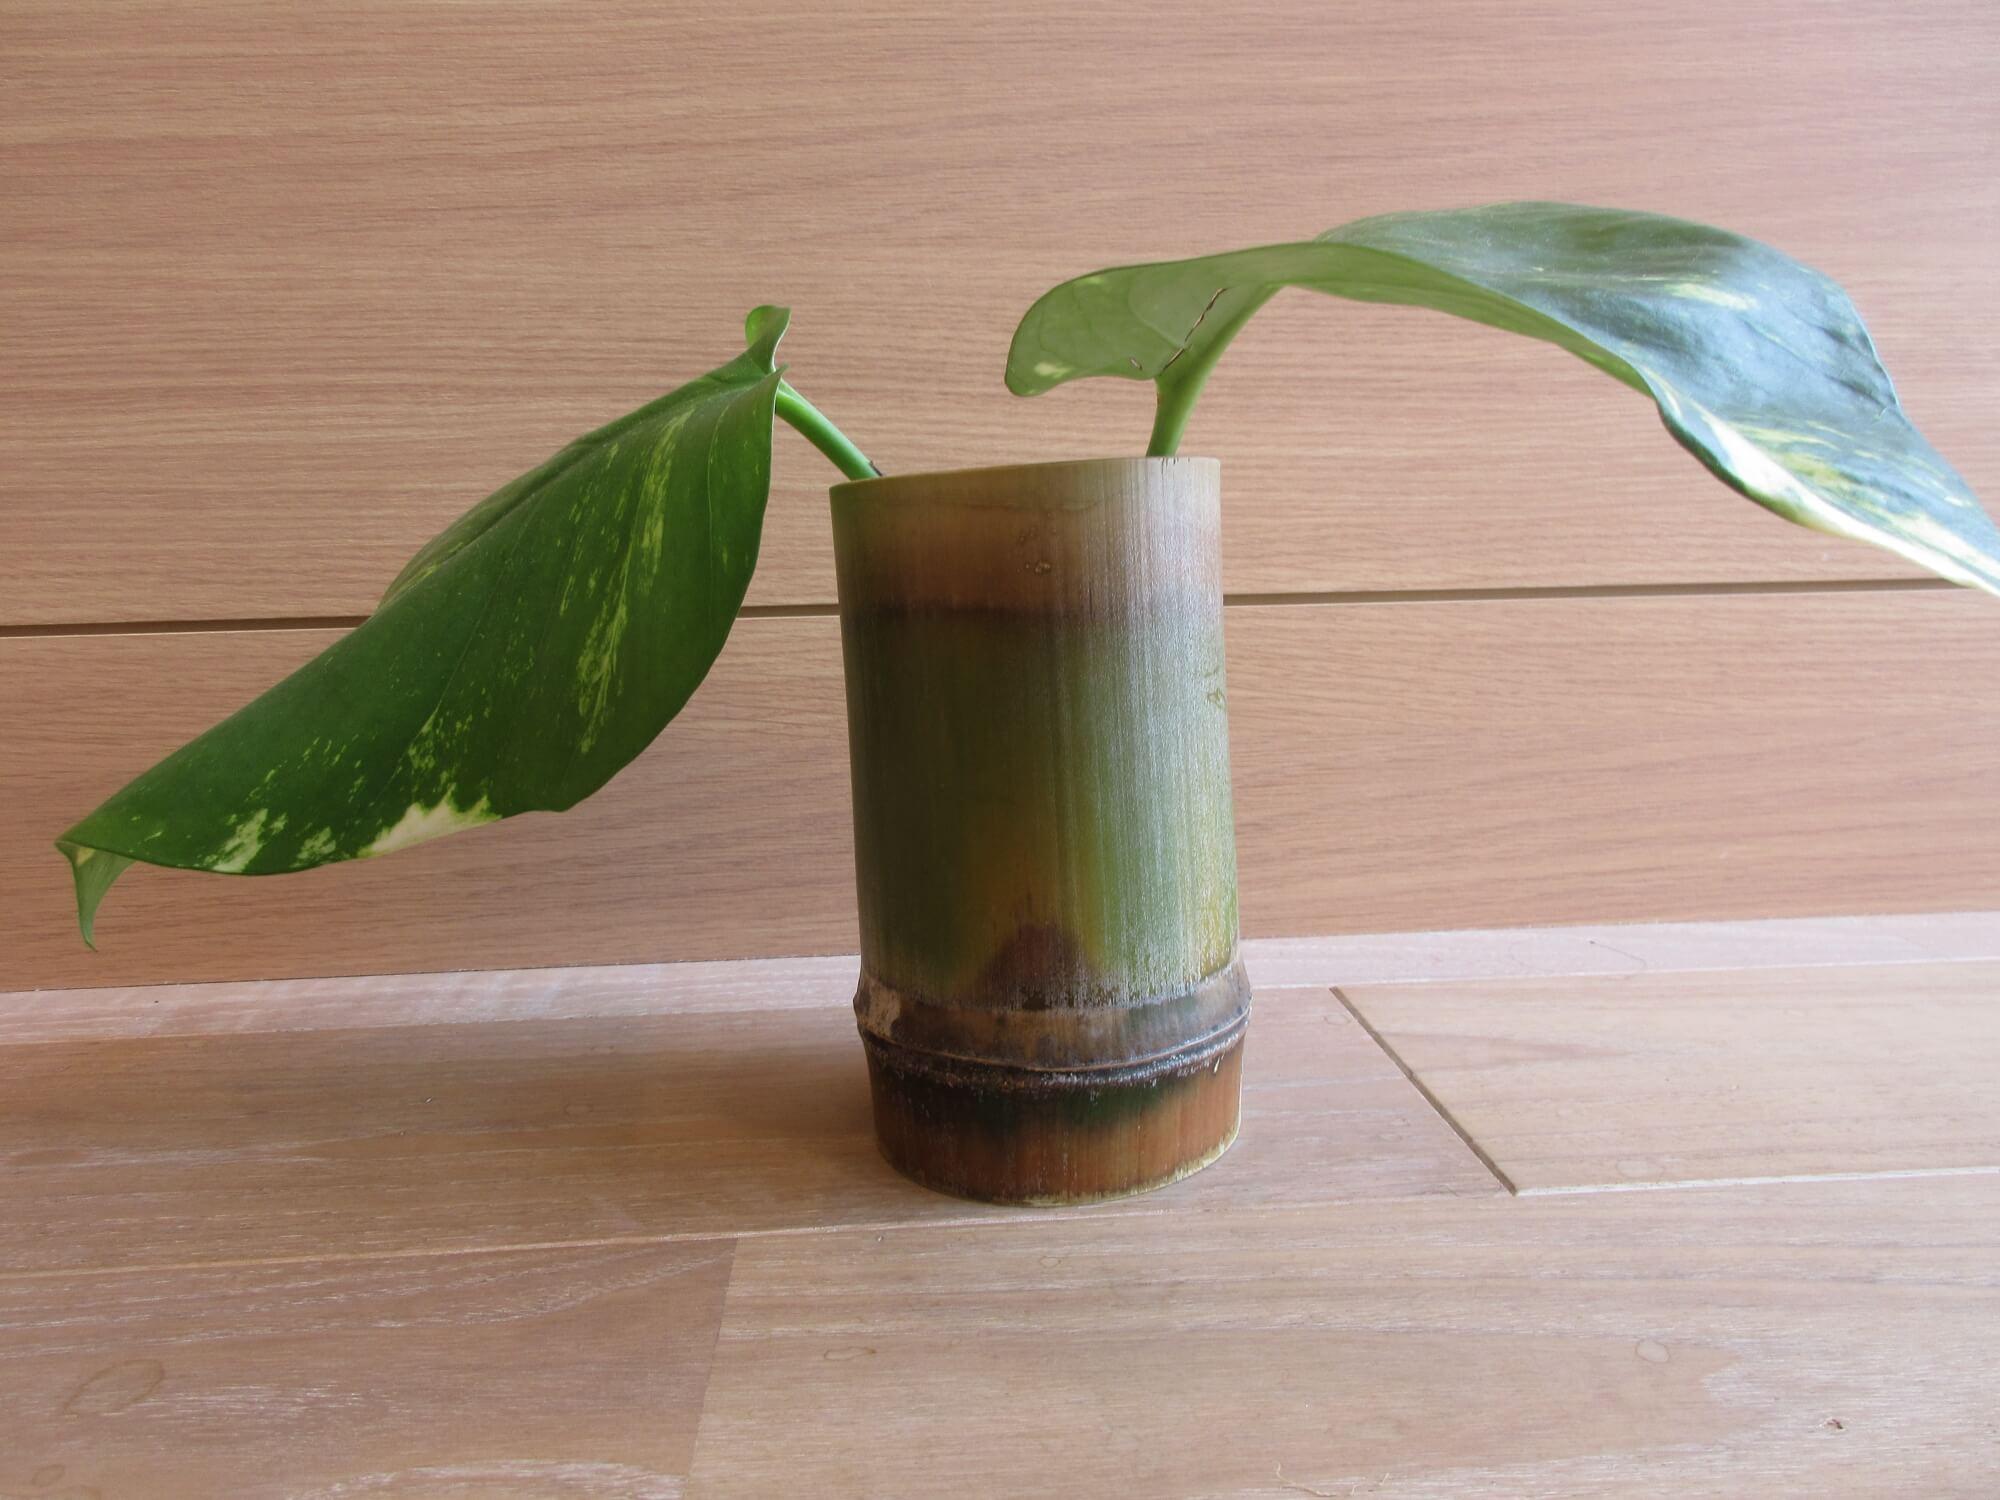 完成した竹の湯呑